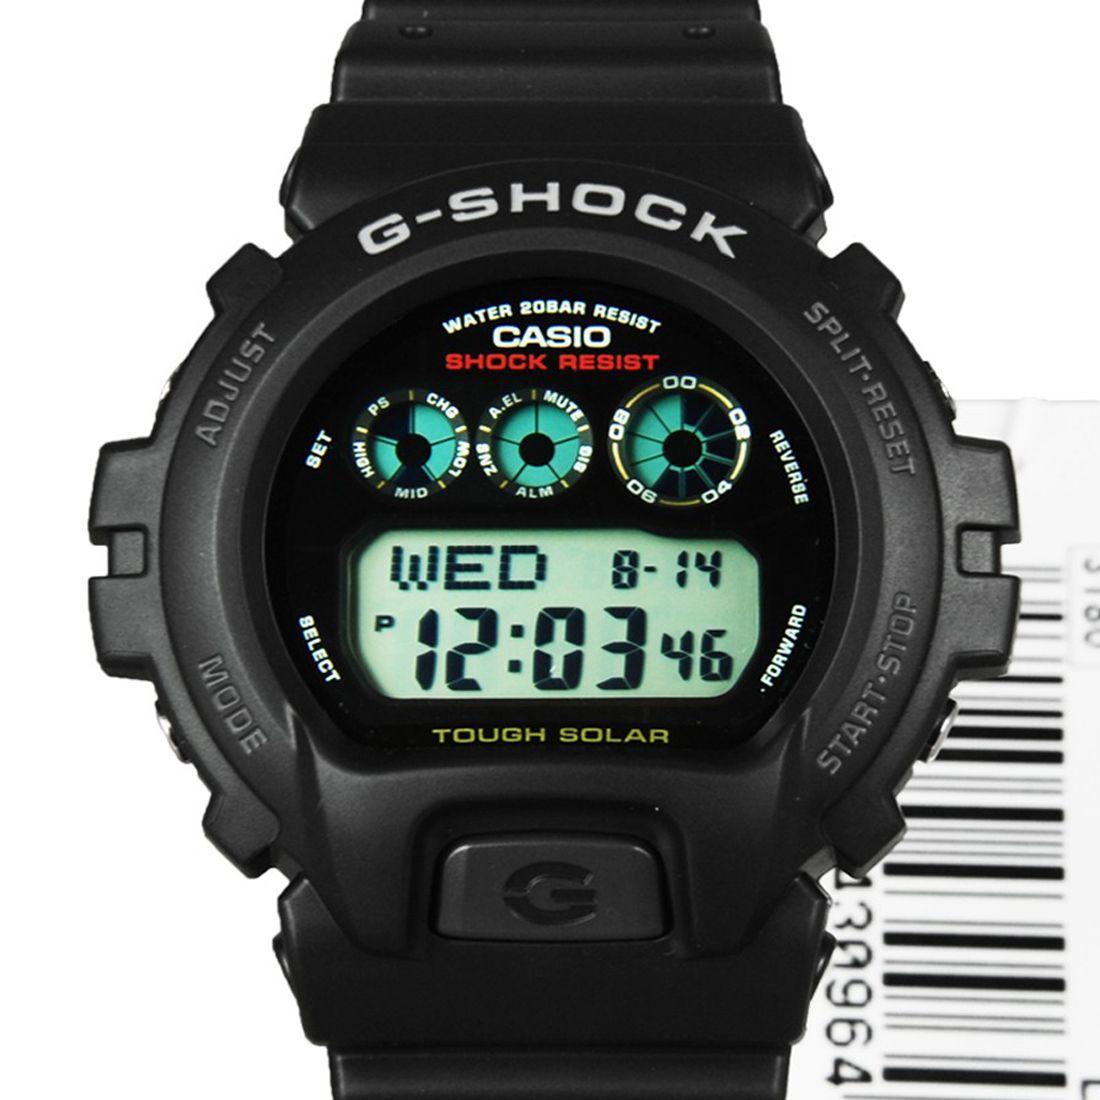 Casio G69001DR G69001 Gshock Mens Sports Watch G